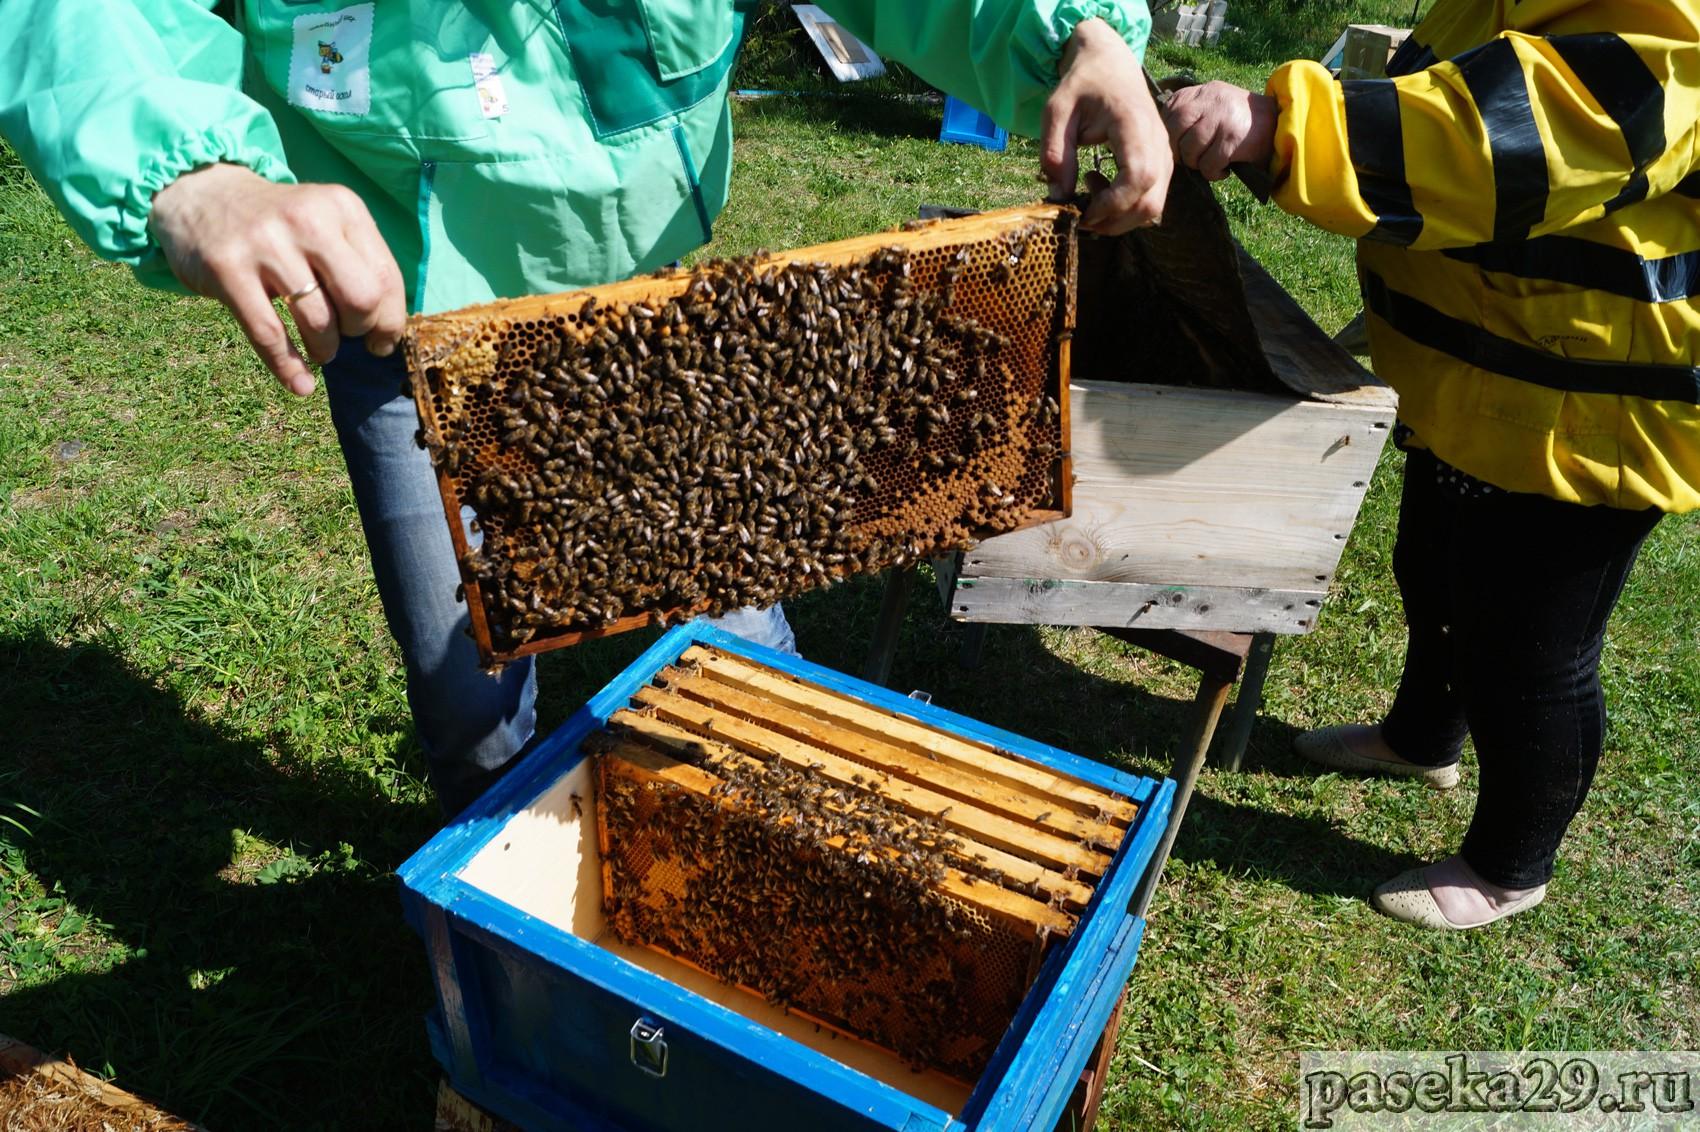 Пчеловодство для начинающих: фото, видео, что купить для пасеки